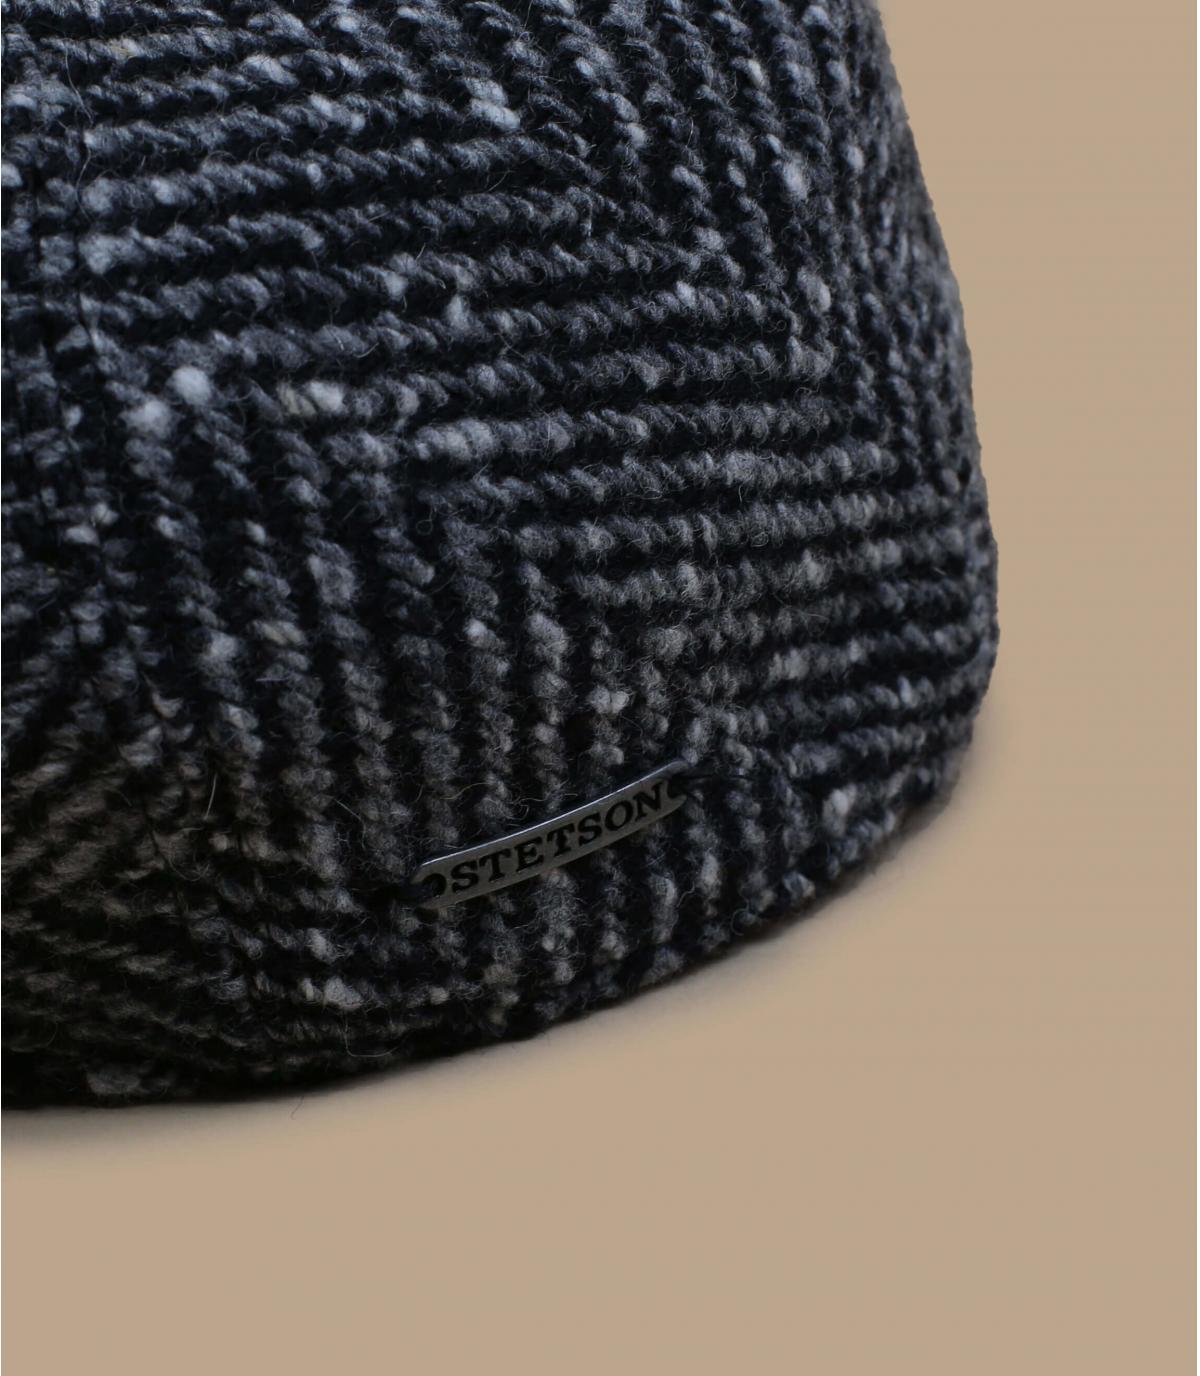 Details Ivy Cap Herringbone black white - afbeeling 2